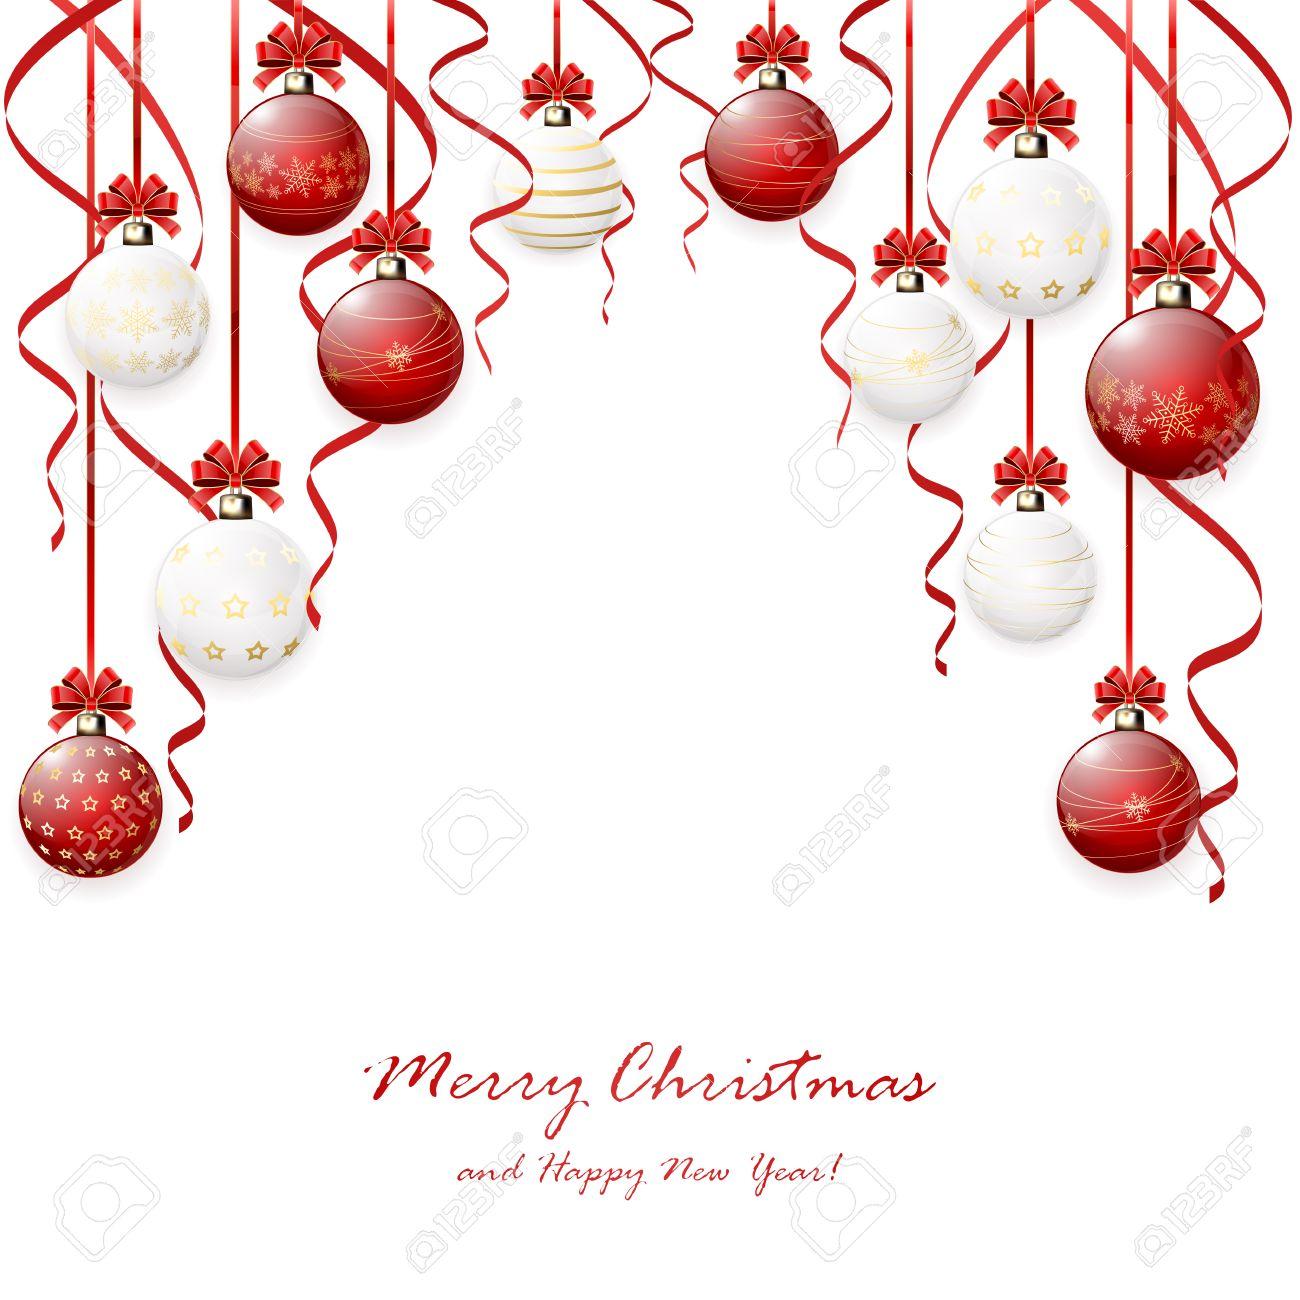 Rouge Accroché En Boules De Noël Et De Guirlandes Sur Fond Blanc